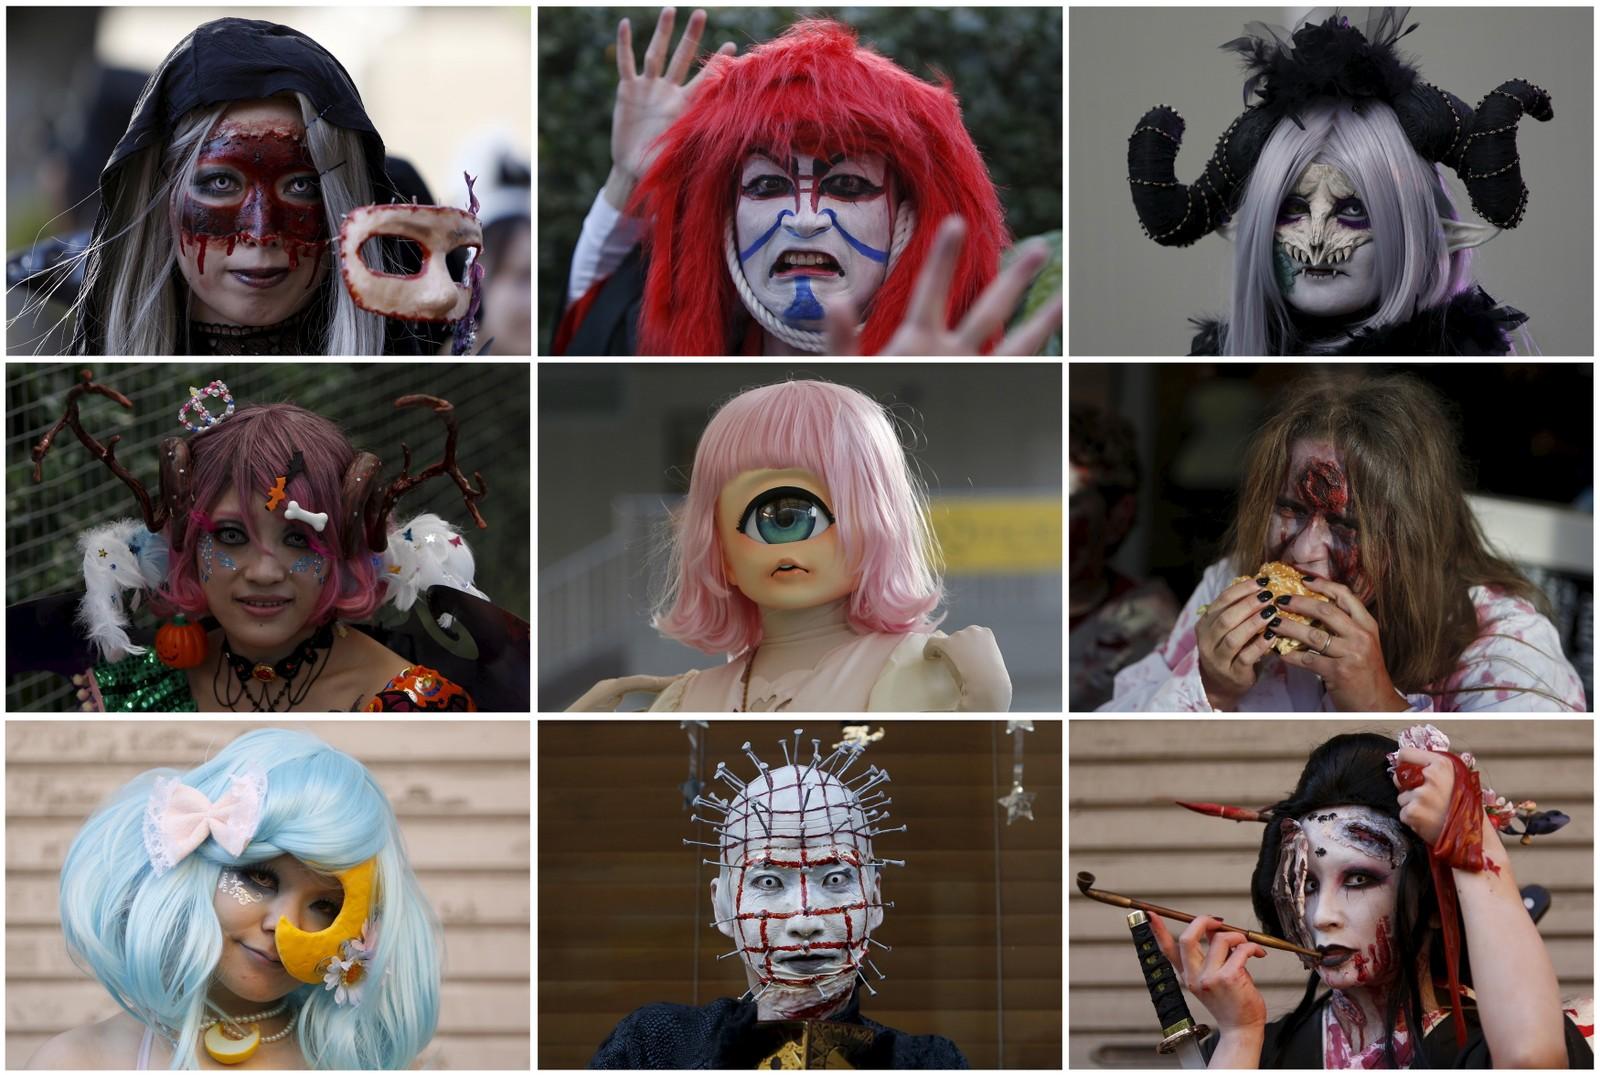 Denne gjengen feirer Halloween i Kawasaki, sør for Tokyo. Over 2.500 deltagere gikk i tog foran over 100.000 publikummere denne uka.